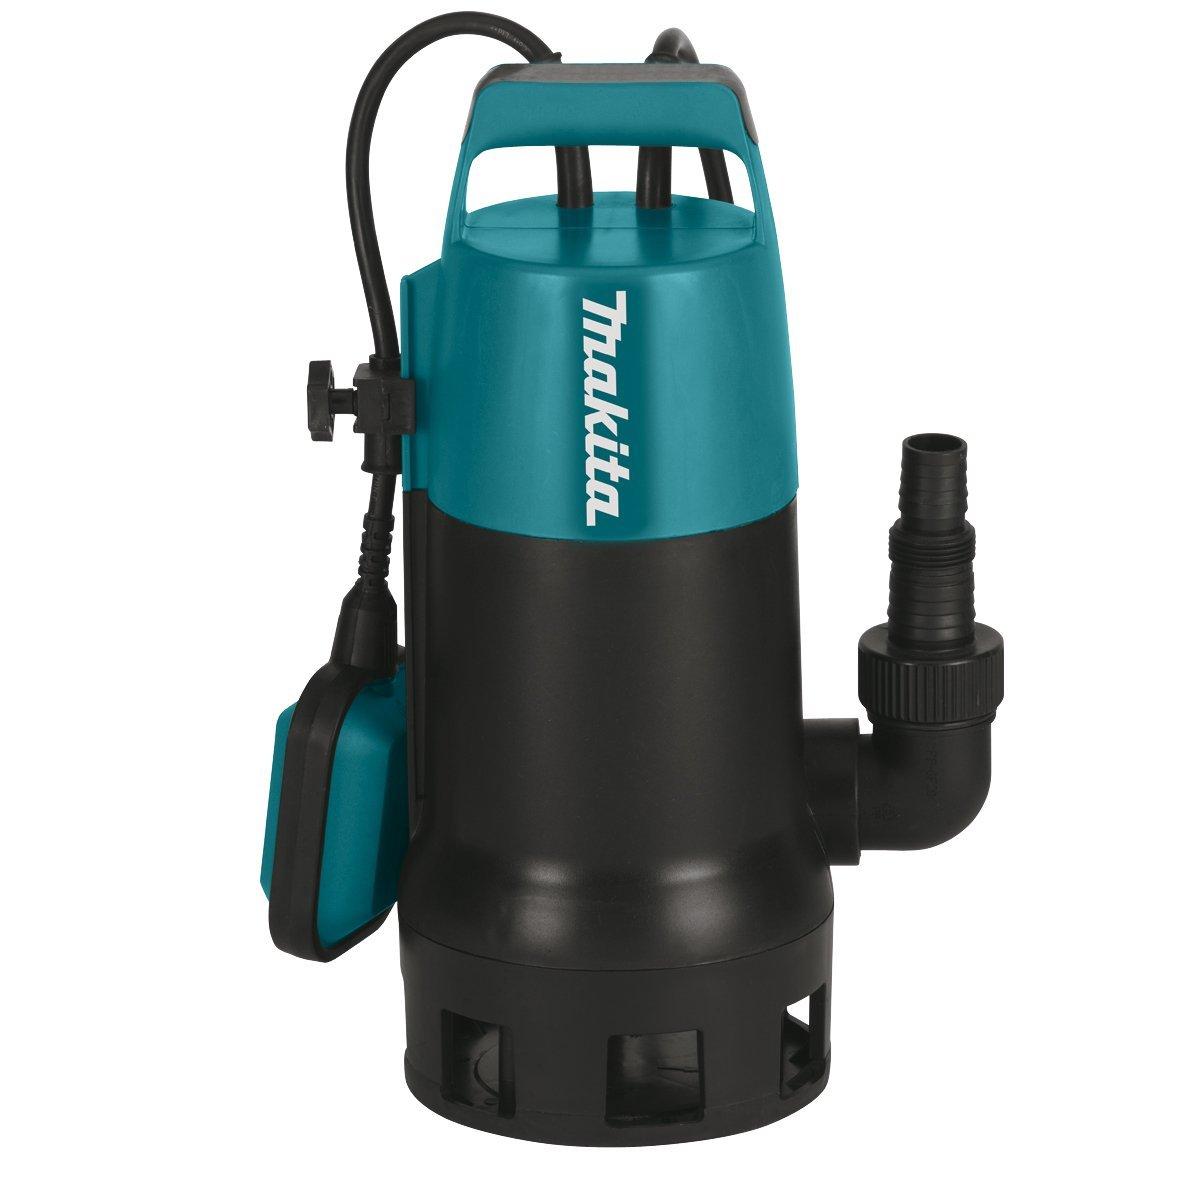 Gu a bombas de agua c mo elegir una motobomba adecuada for Bomba de agua para pozo